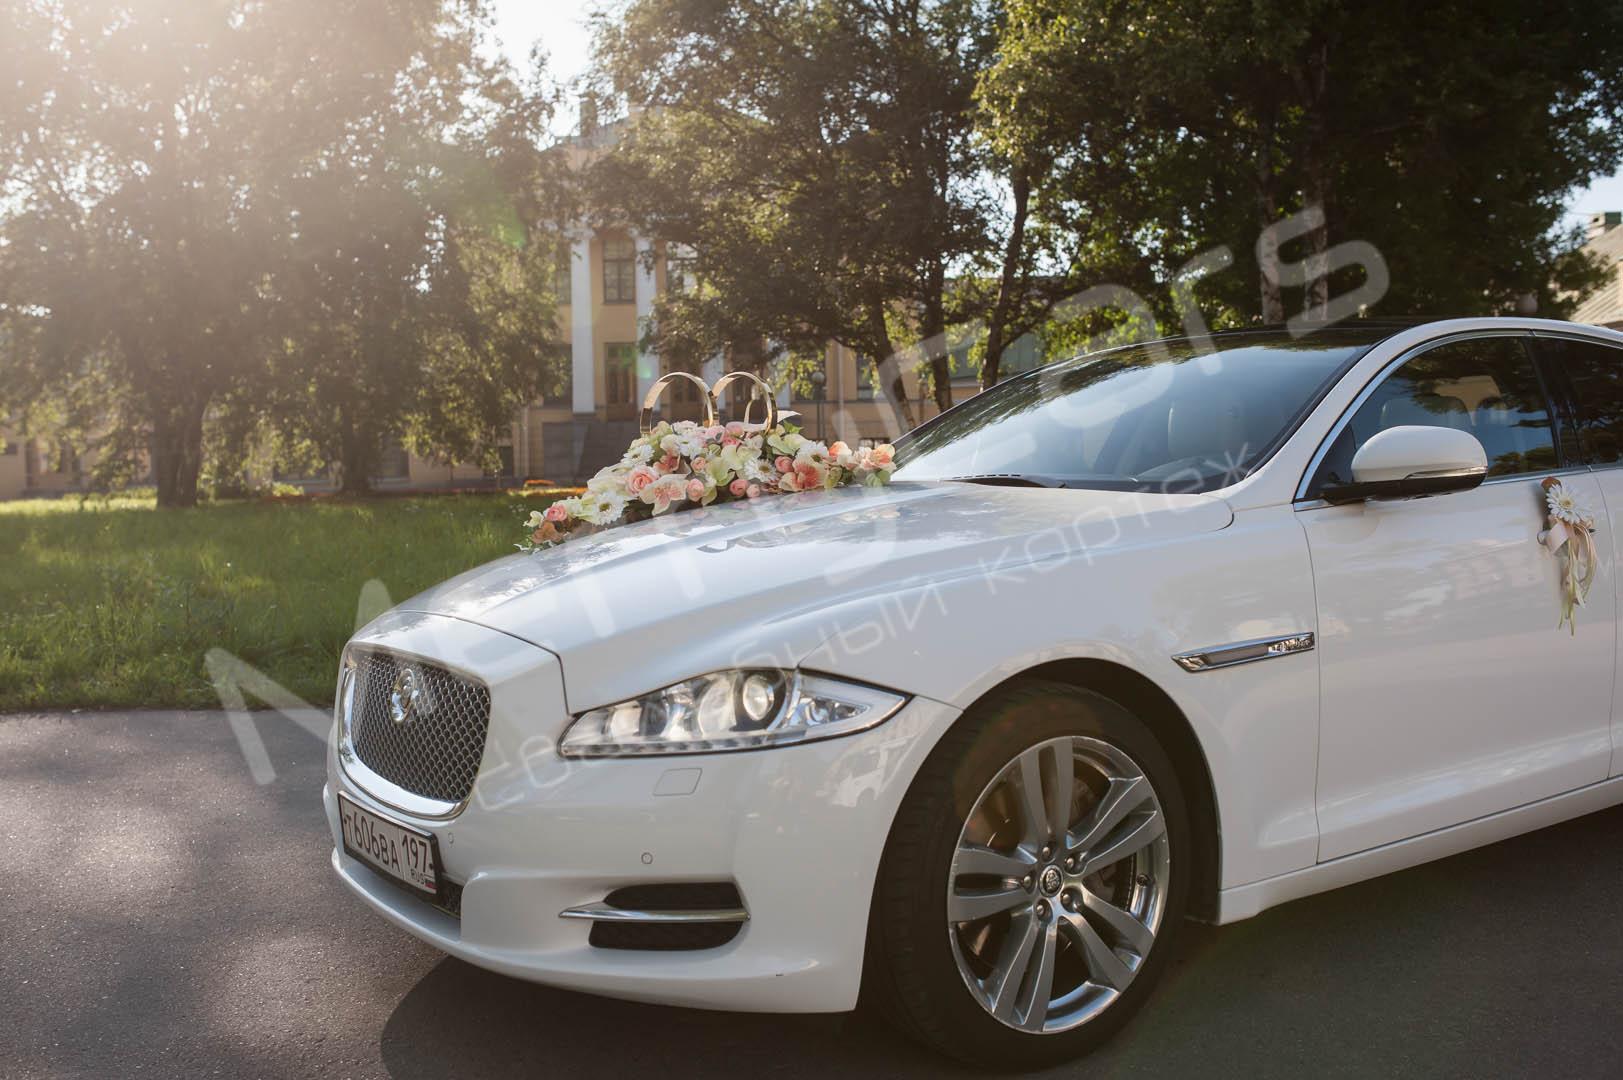 Аренда свадебных автомобилей в с петербурге ндс по аренде автомобиля